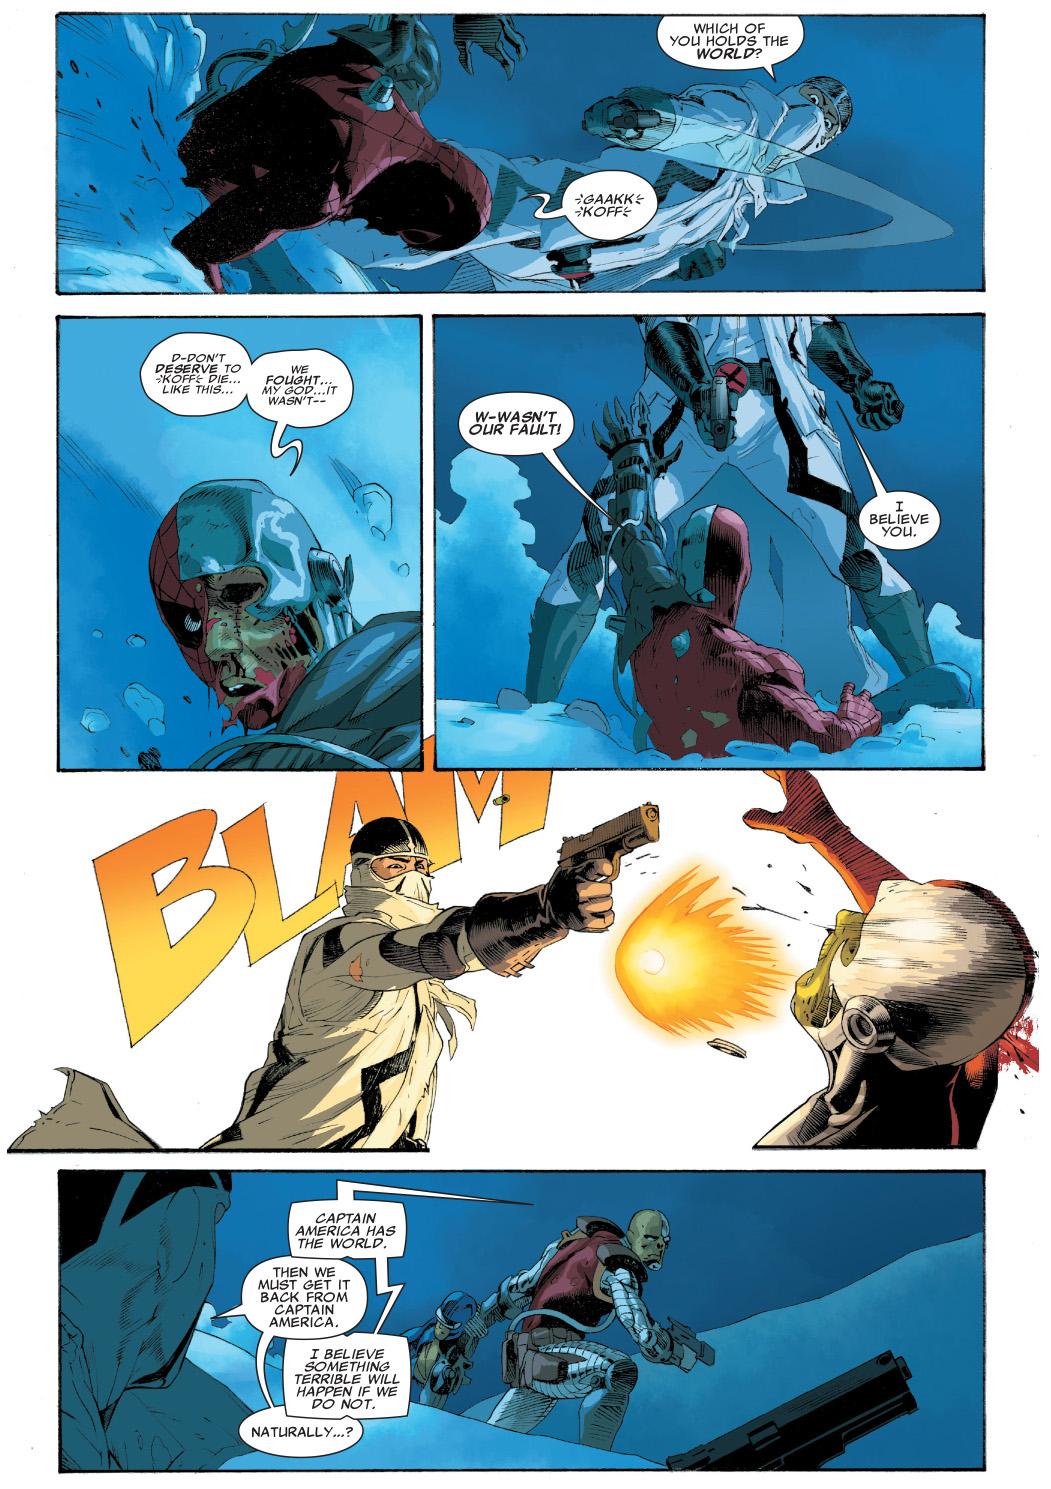 fantomex vs spider-man deathlok